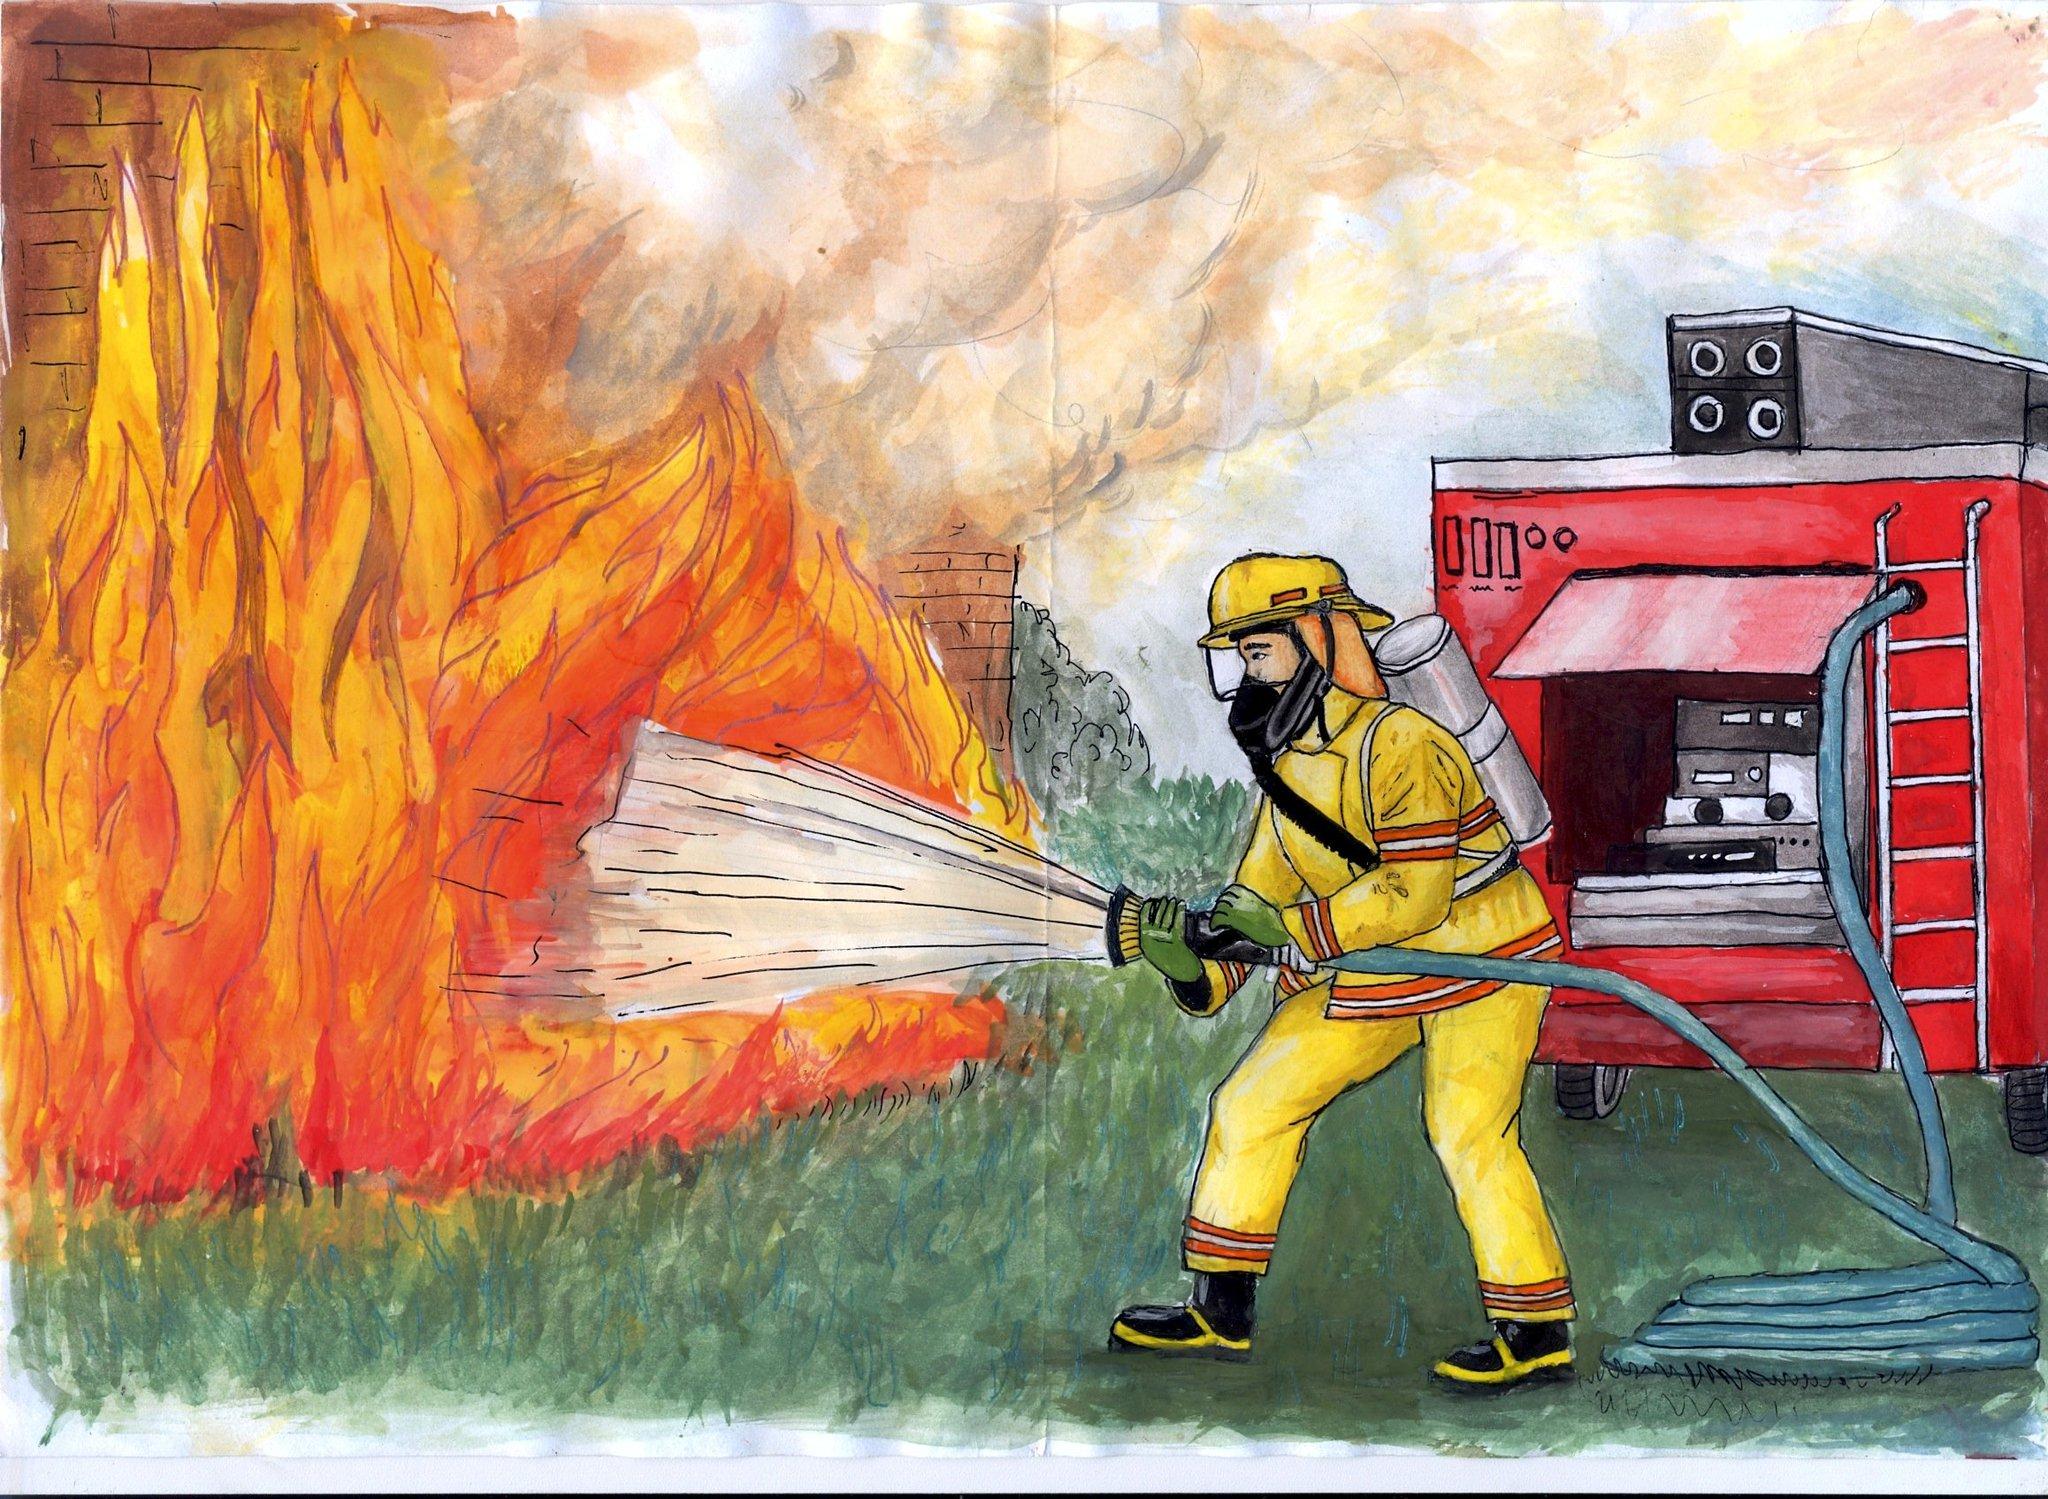 фото чем потушить пожар картинки вилки